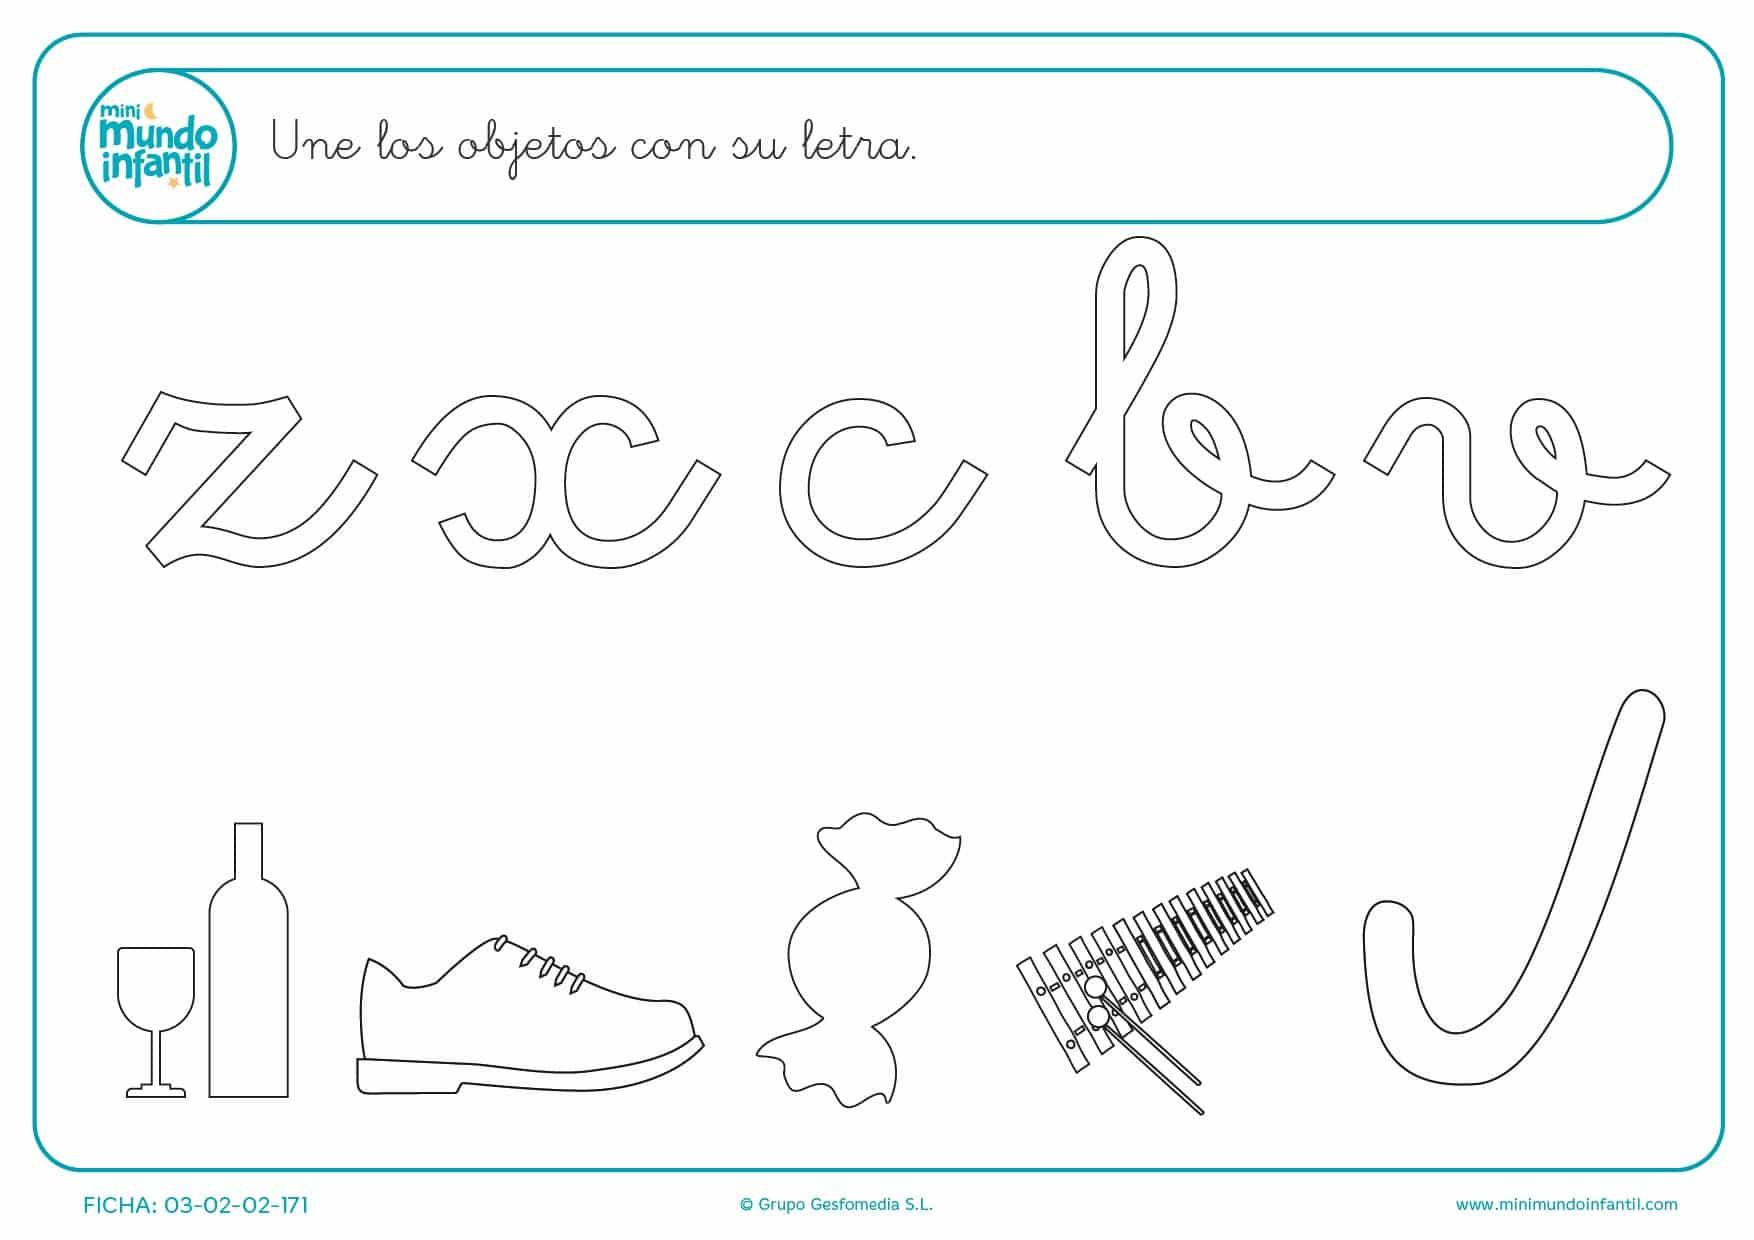 Hacer una línea entre el objeto y su letra